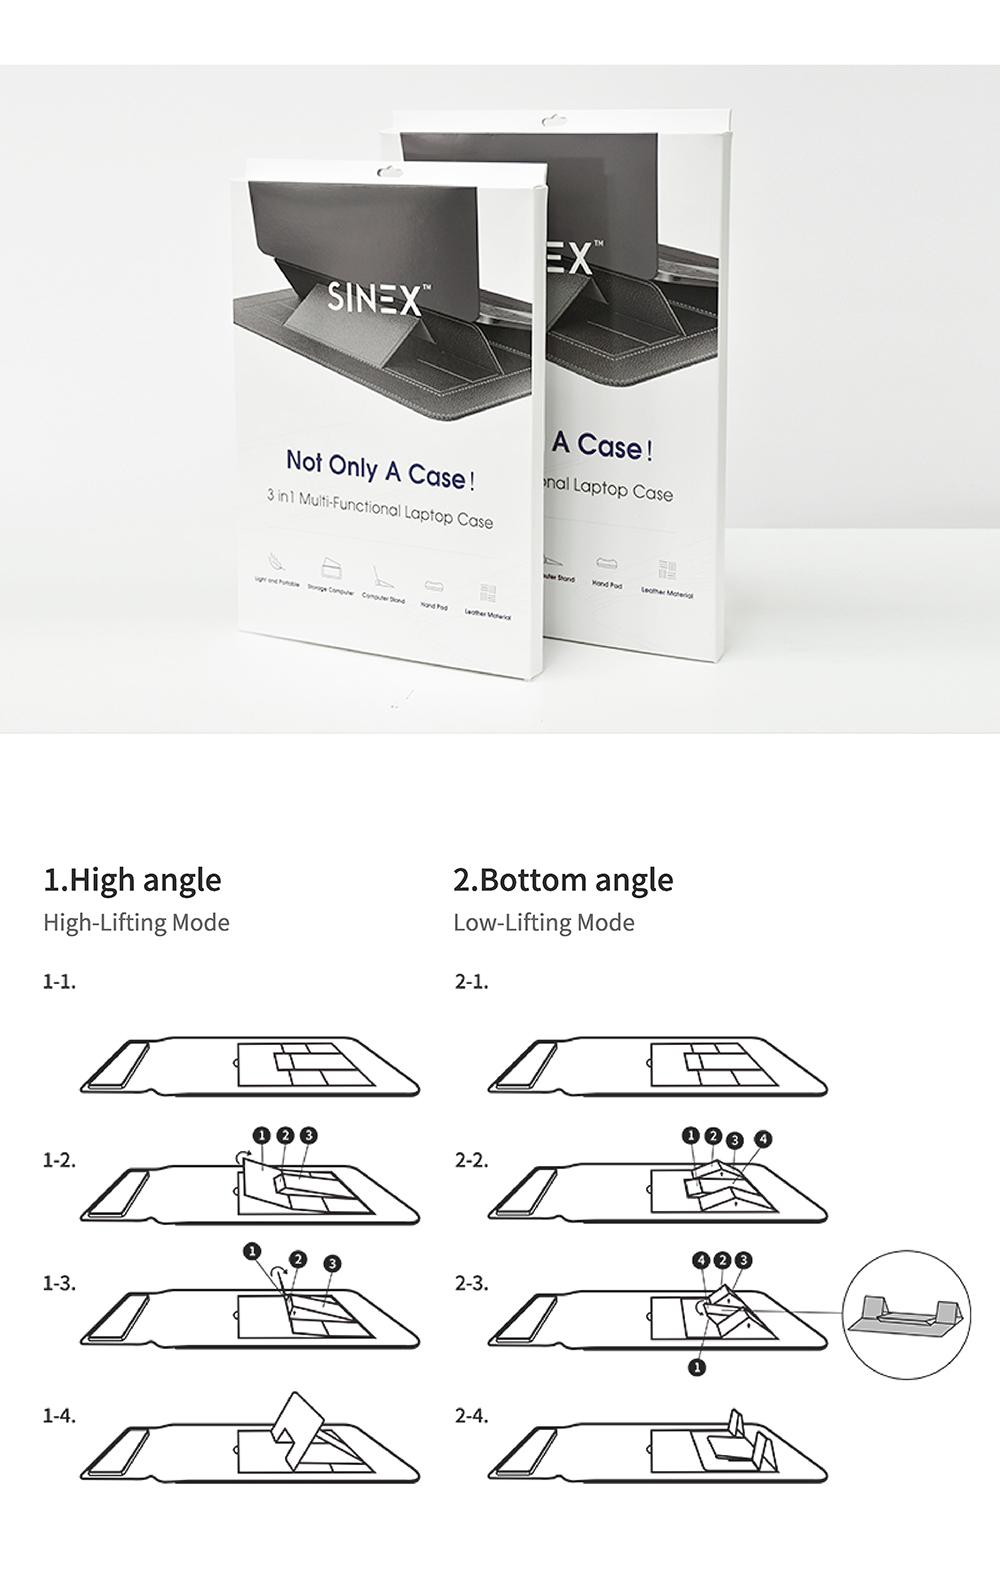 【SINEX】全球首款 3 合 1 變形筆電包 適用13/14吋筆電 (收納包+筆電架+鍵盤手托) - SINEX電腦包簡介 10